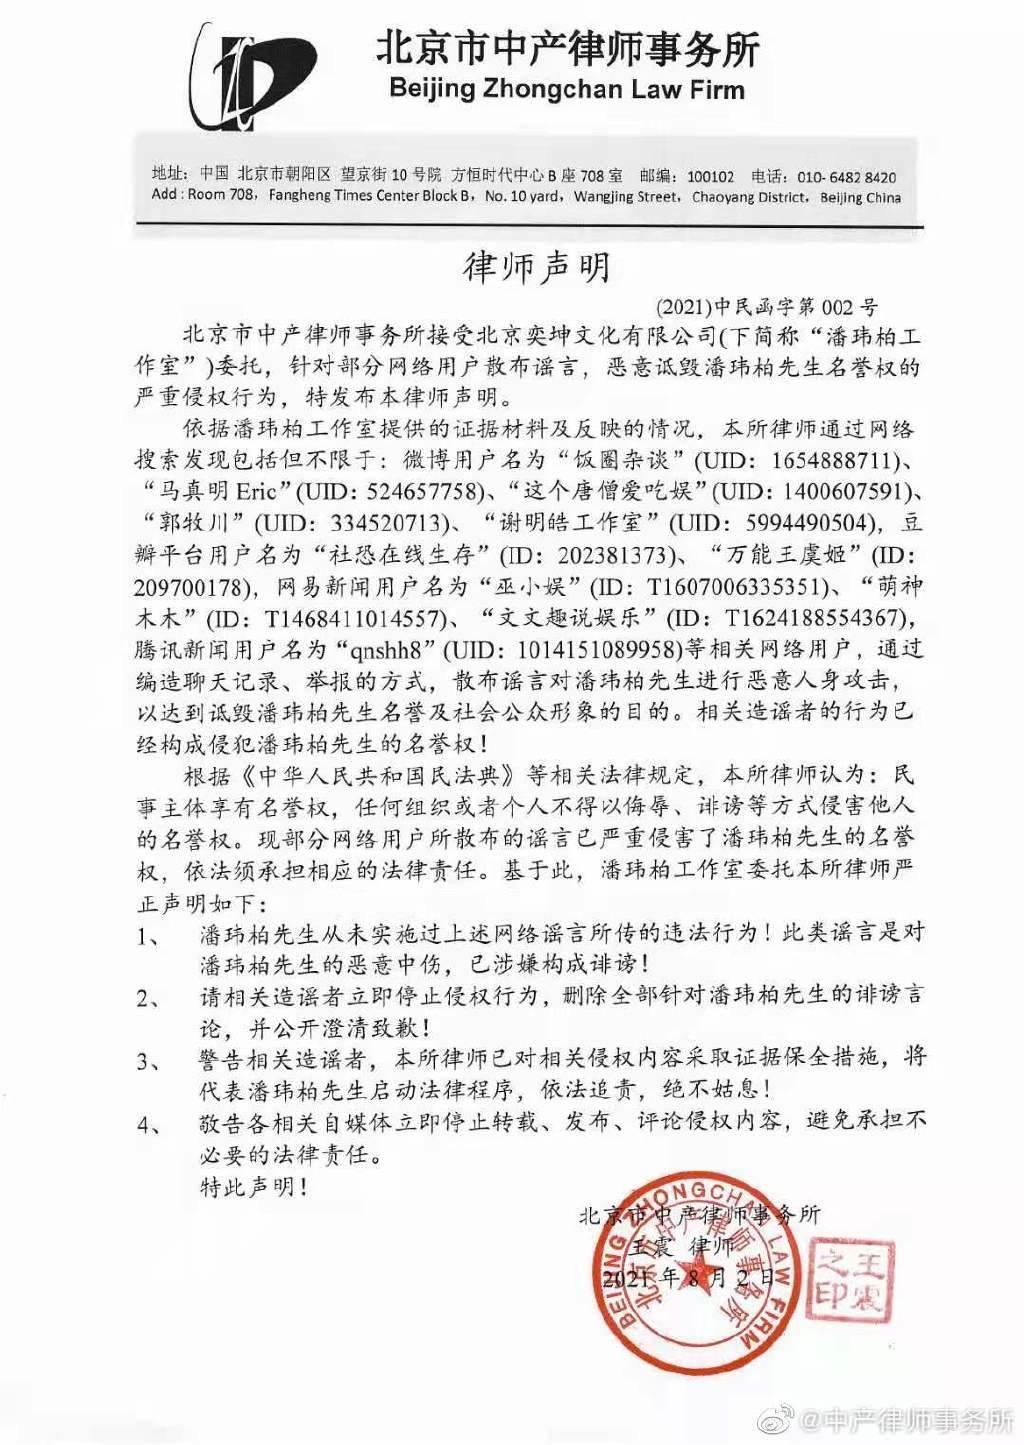 潘瑋柏也透過律師強調針對不實言論將堅決維權。(圖/翻攝自中產律師事務所微博)